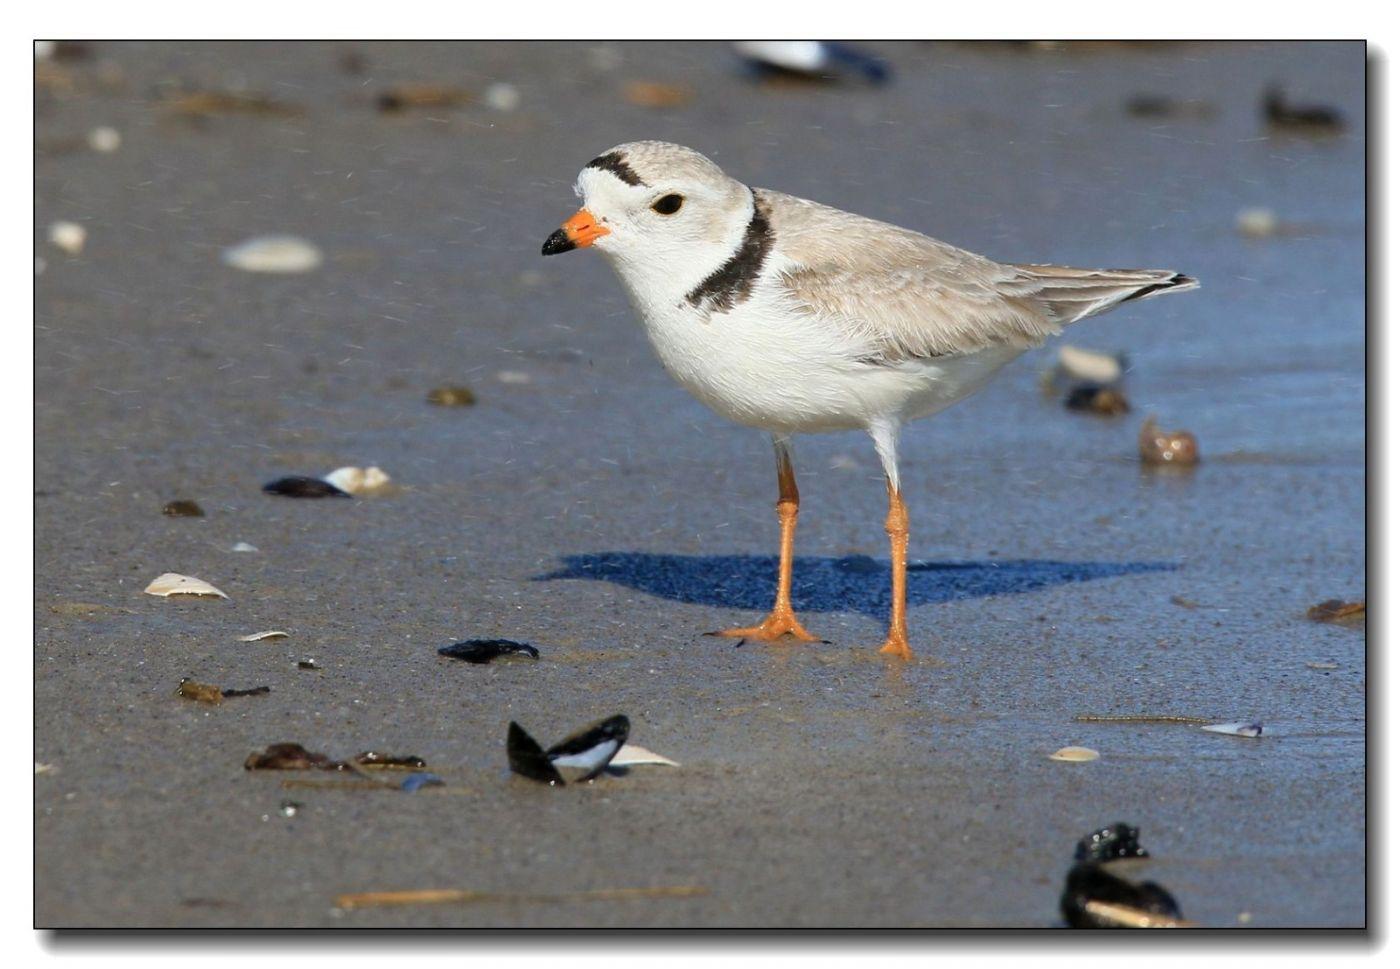 洛克威海滩拍鸟—环颈鸻_图1-6